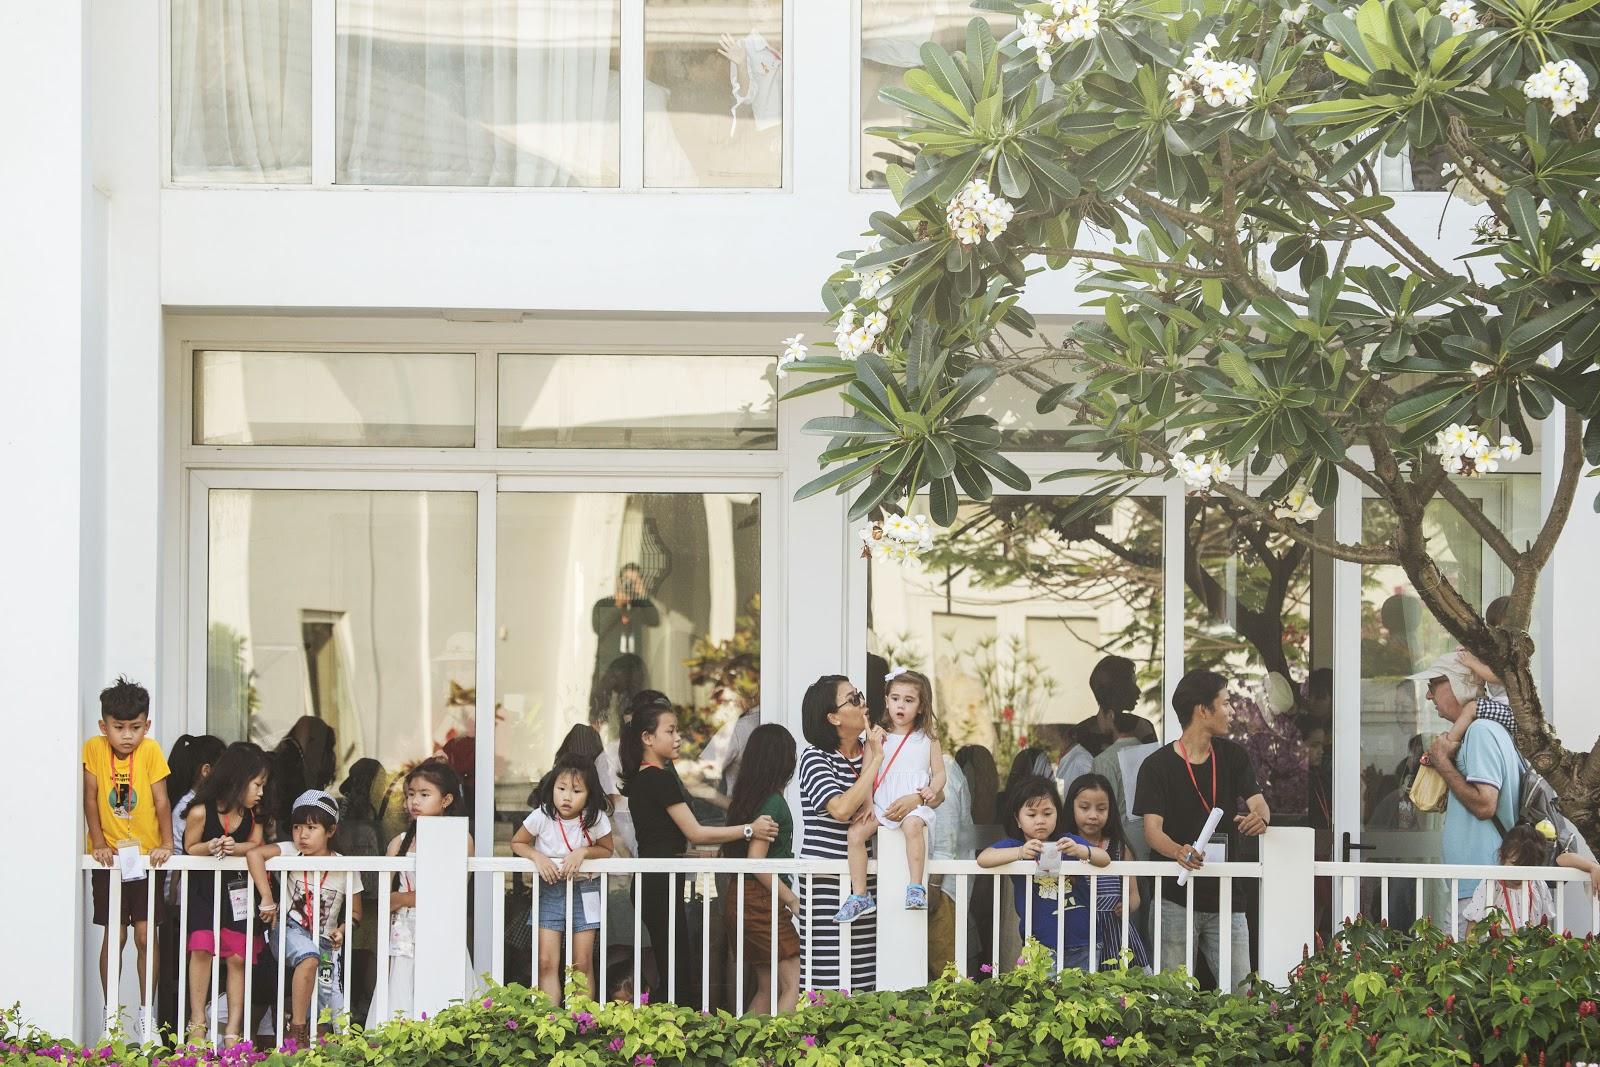 Cô giáo Xuân Lan đeo kính râm, mang dép lào tập luyện trước thềm Tuần lễ thời trang trẻ em Việt Nam 2019 - Hình 4